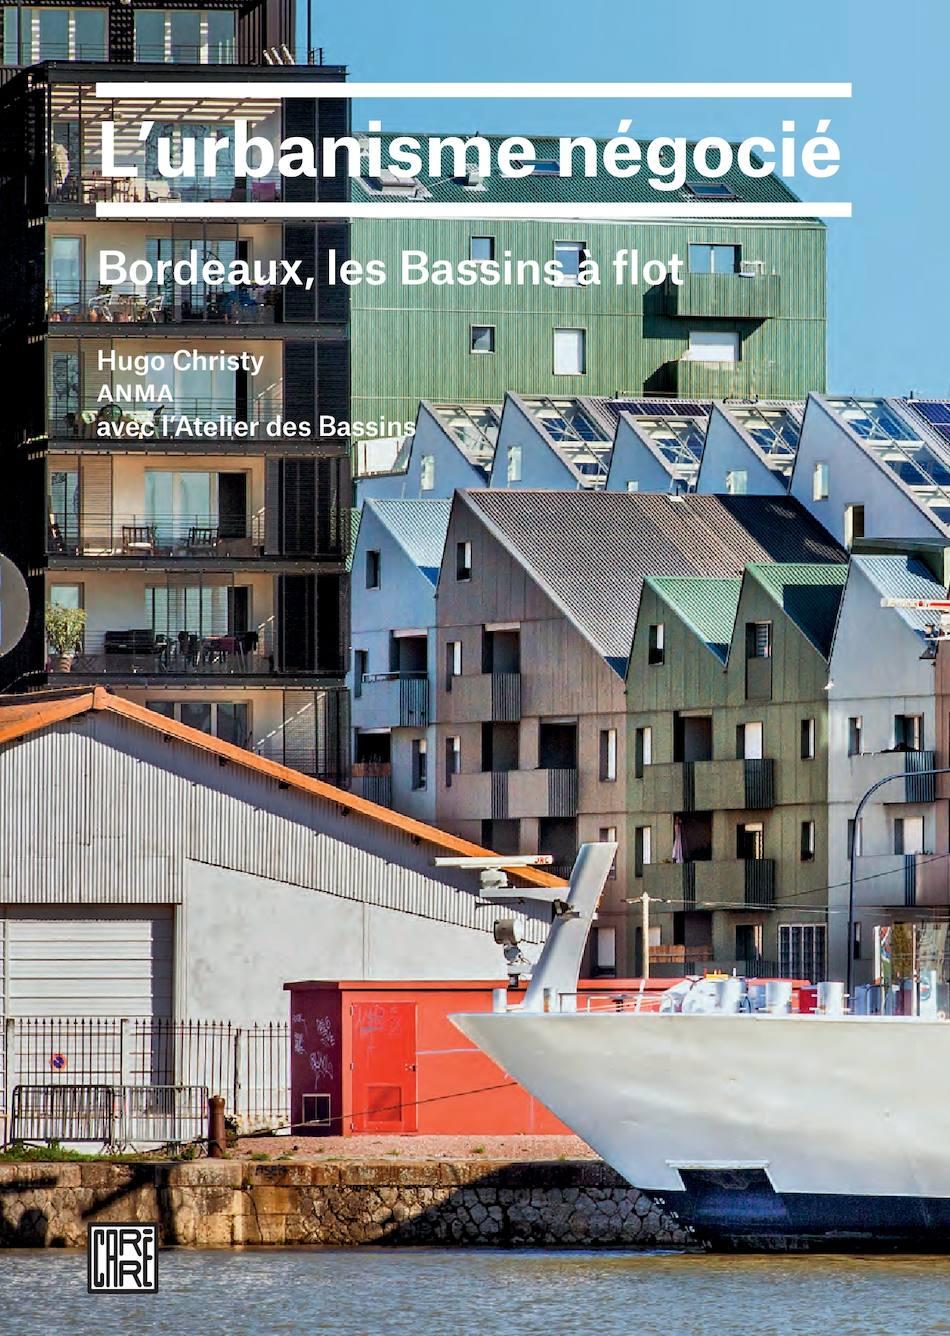 L'urbanisme négocié. Bordeaux, les Bassins à flot